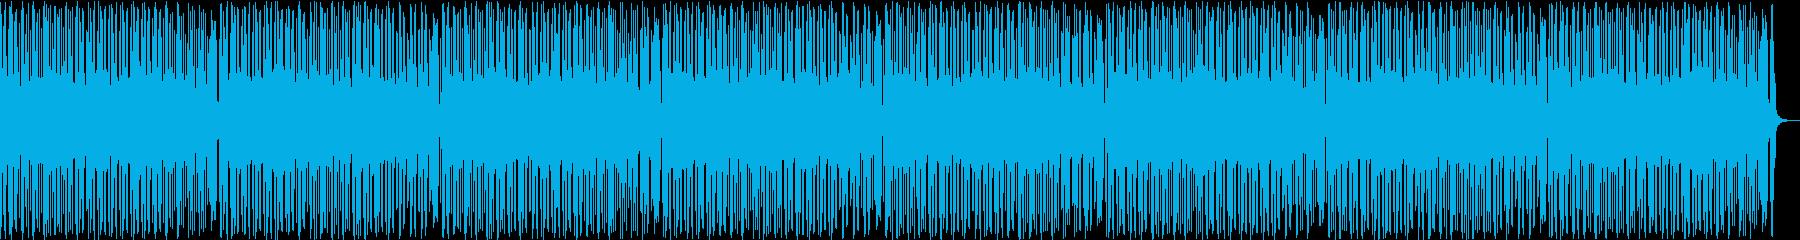 おしゃれでクールなファンキーBGMの再生済みの波形